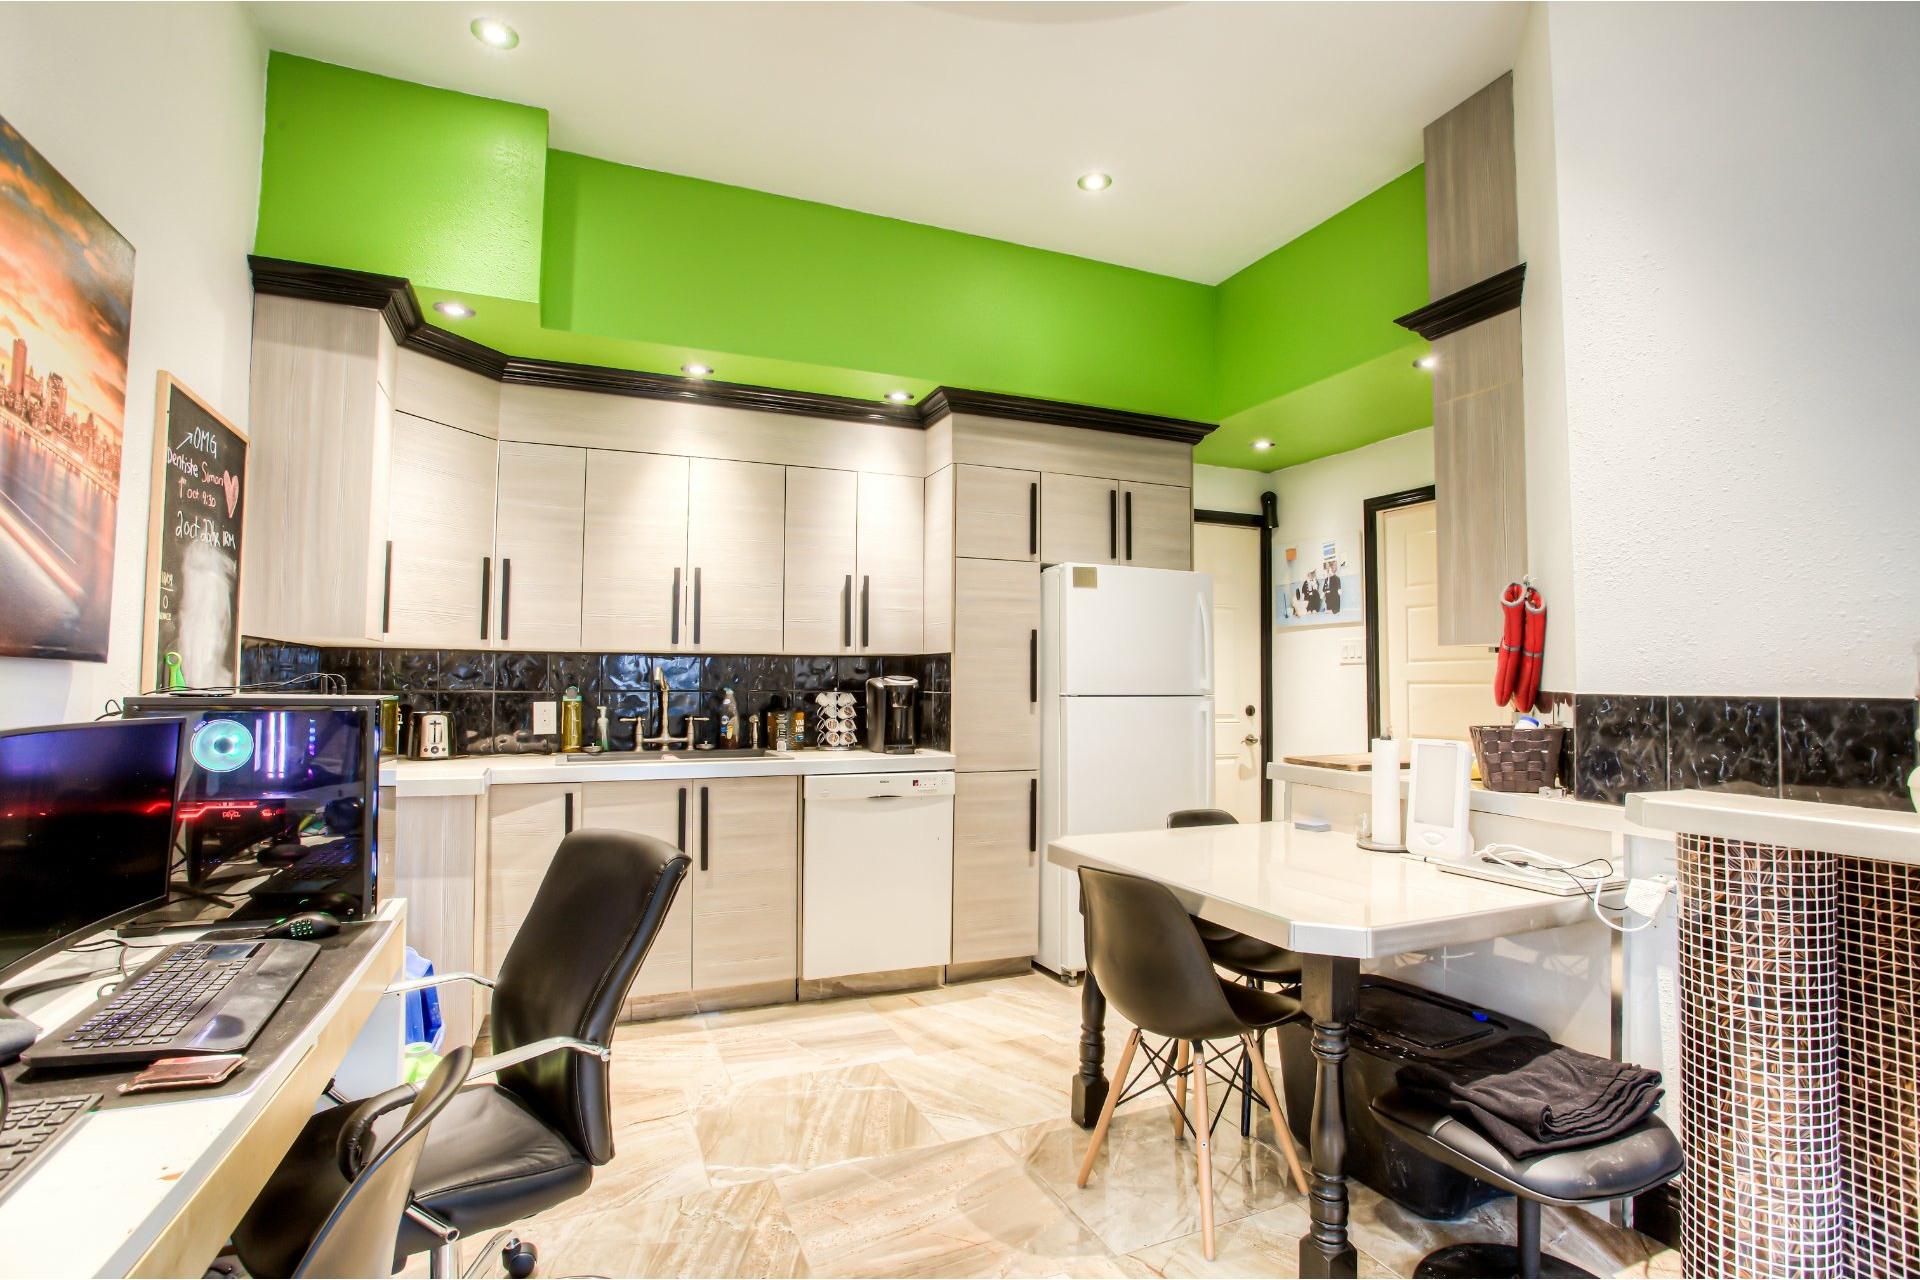 image 14 - Duplex À vendre Lachine Montréal  - 3 pièces